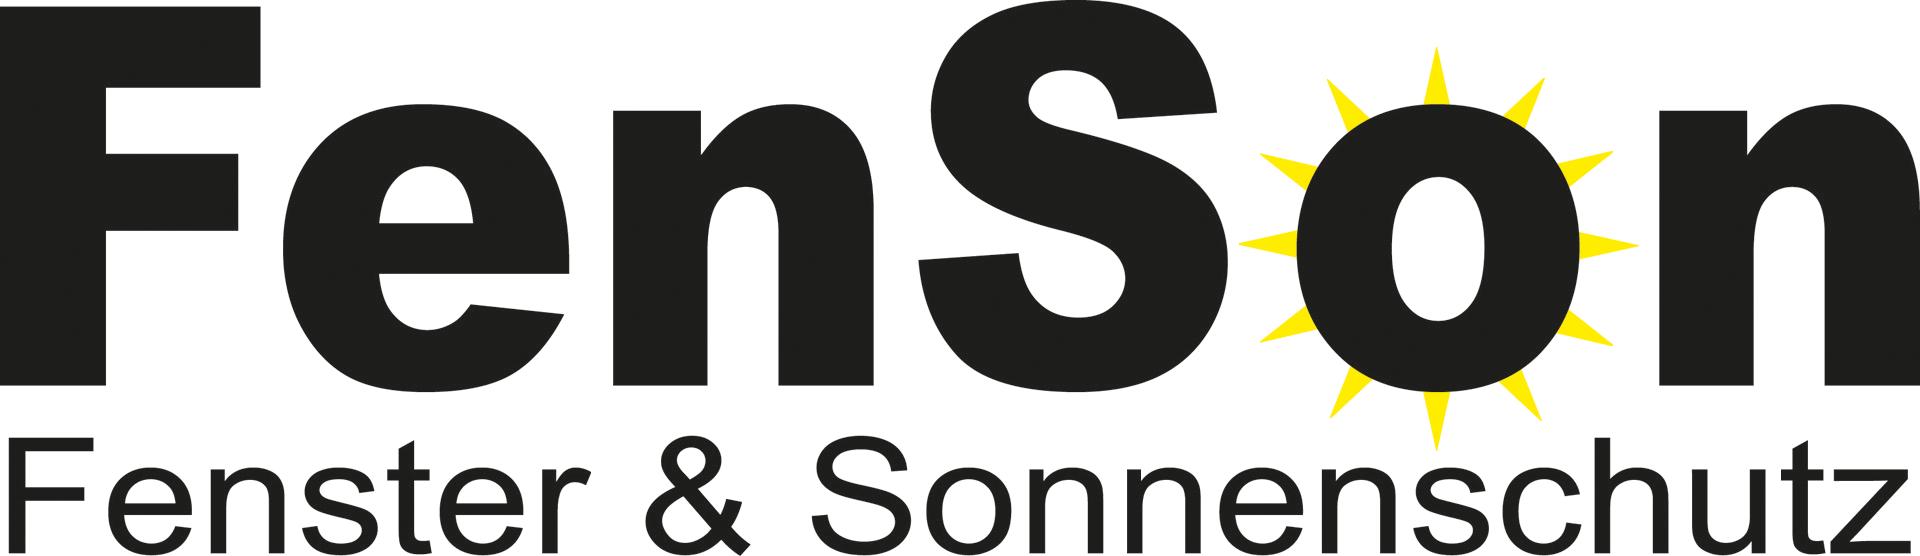 Fenson Fenster Und Sonnenschutz Pascal Ziegawe In Dortmund Startseite